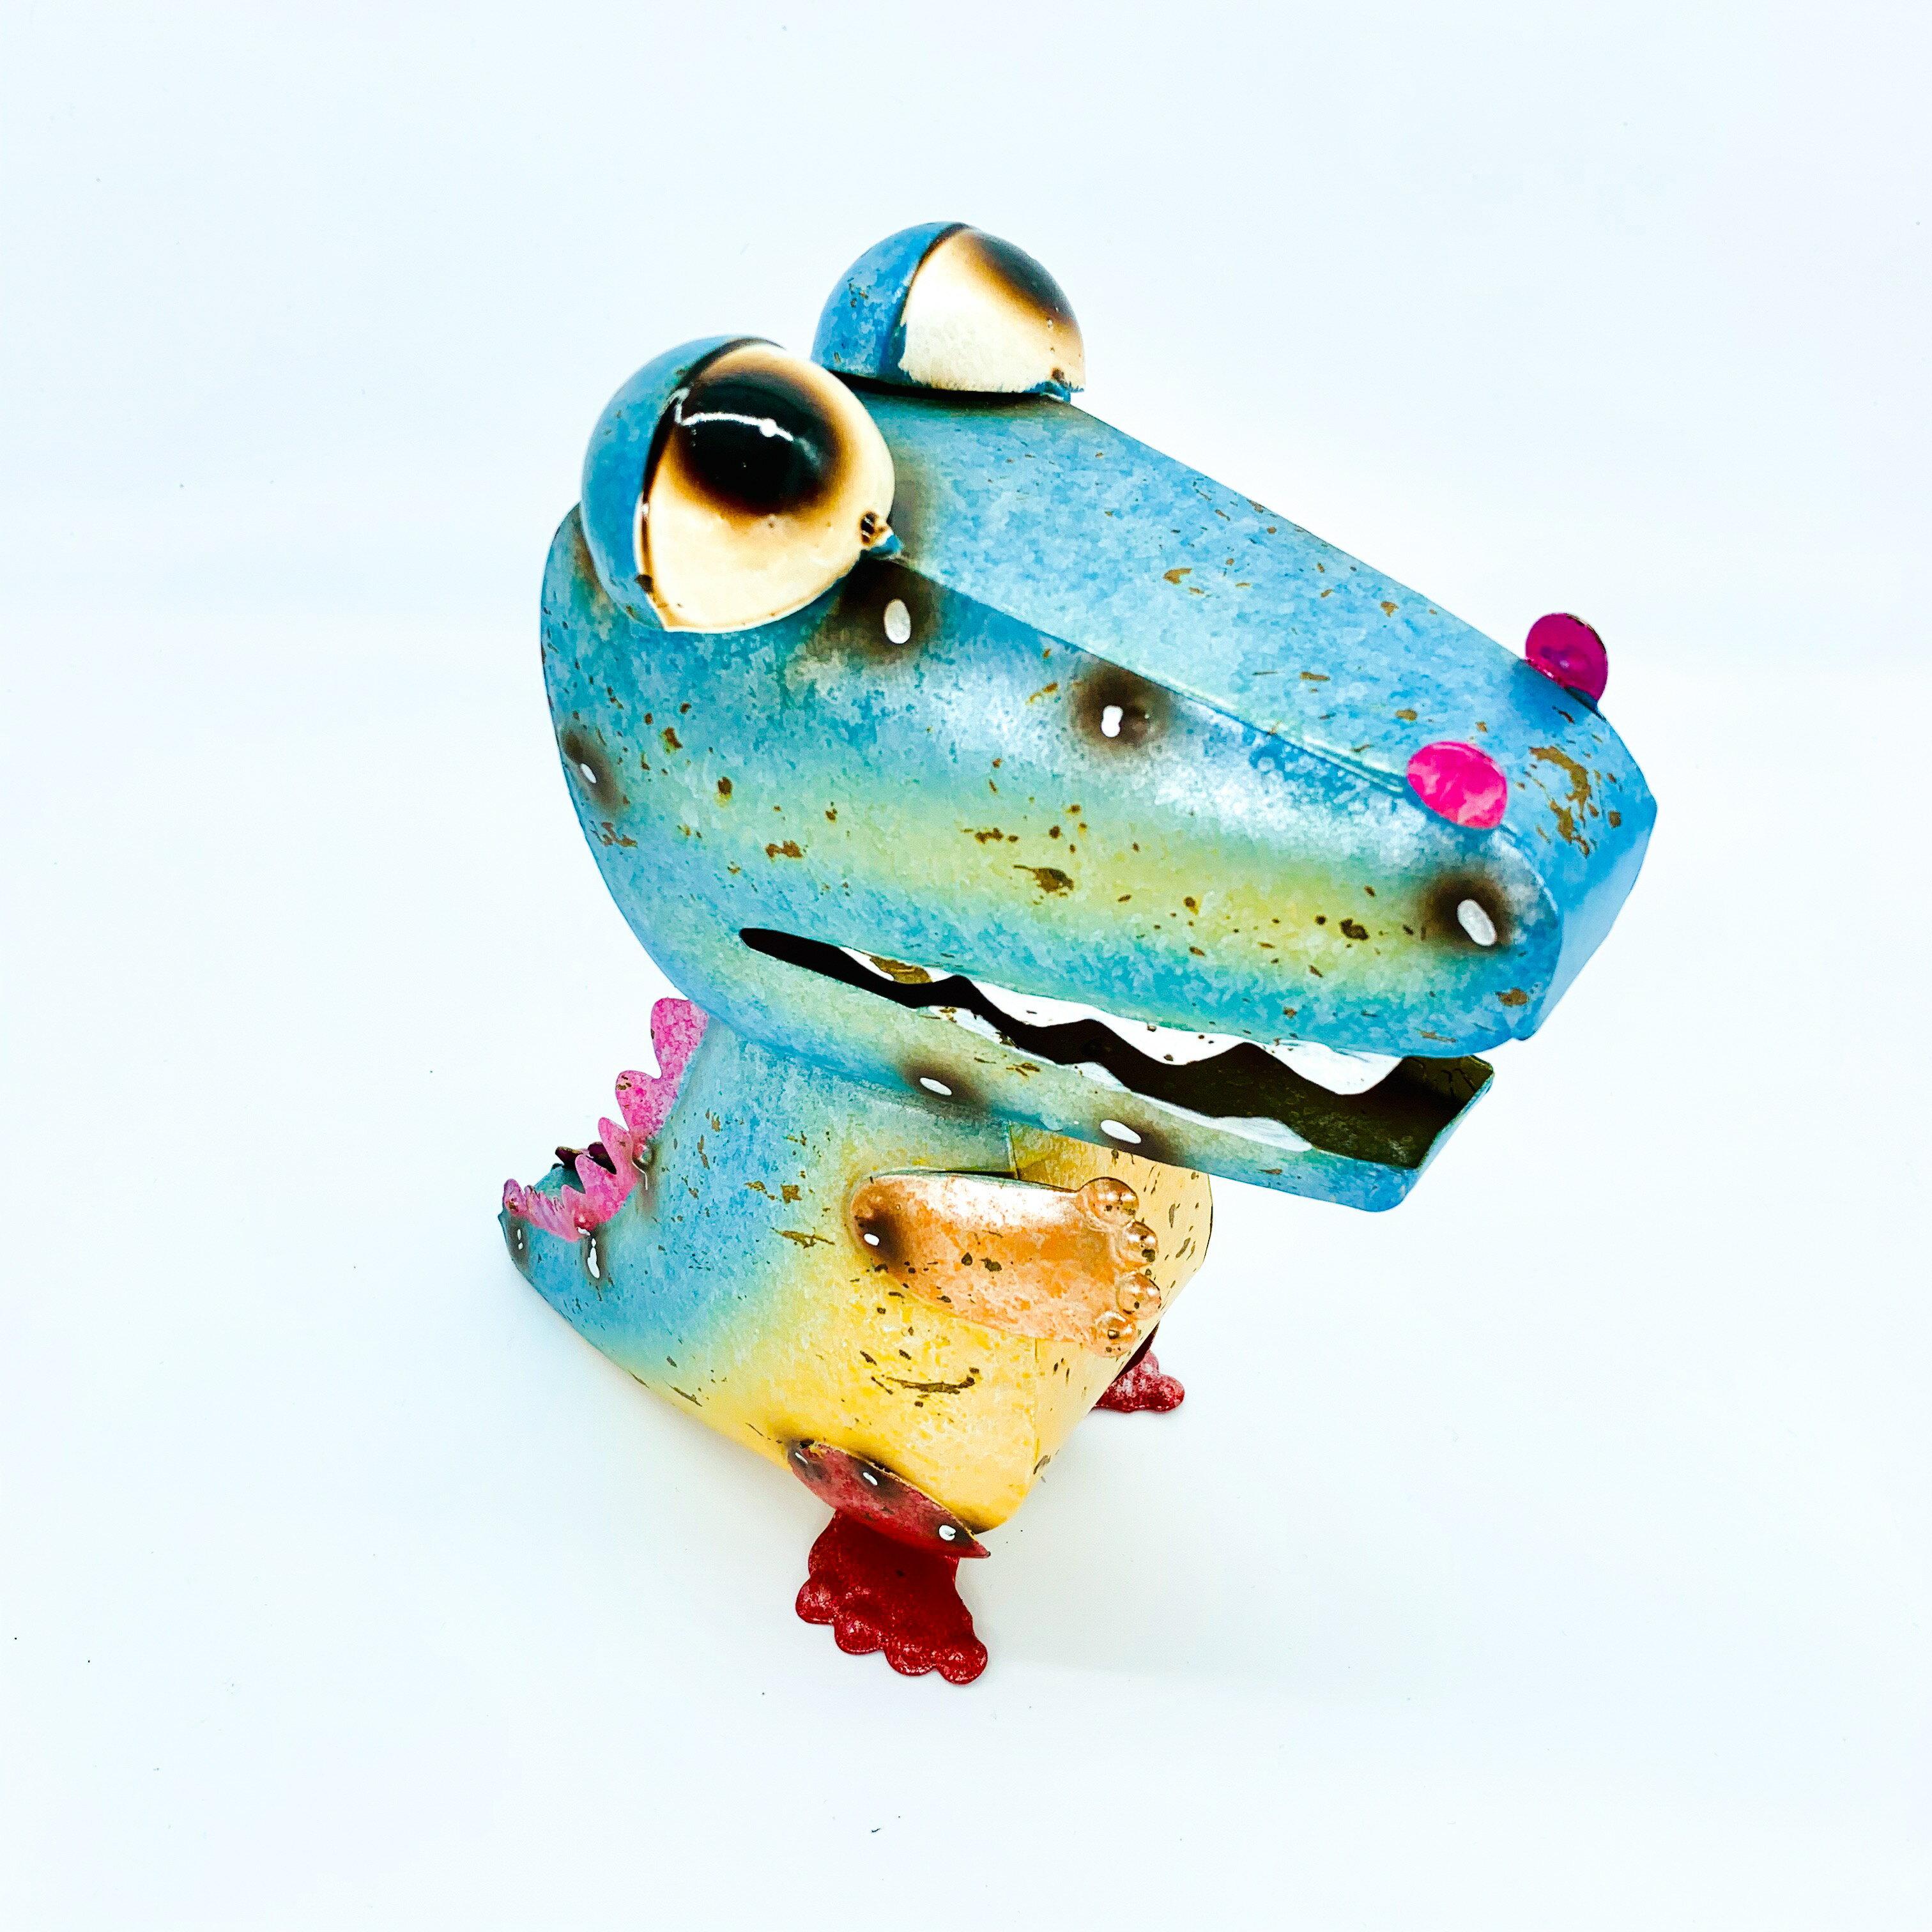 日本高山 絕版品限量供應 動物擺飾 繽紛恐龍 日本直送 日本設計 生鐵手作可愛多采風格擺飾 不會再有 把握機會 3